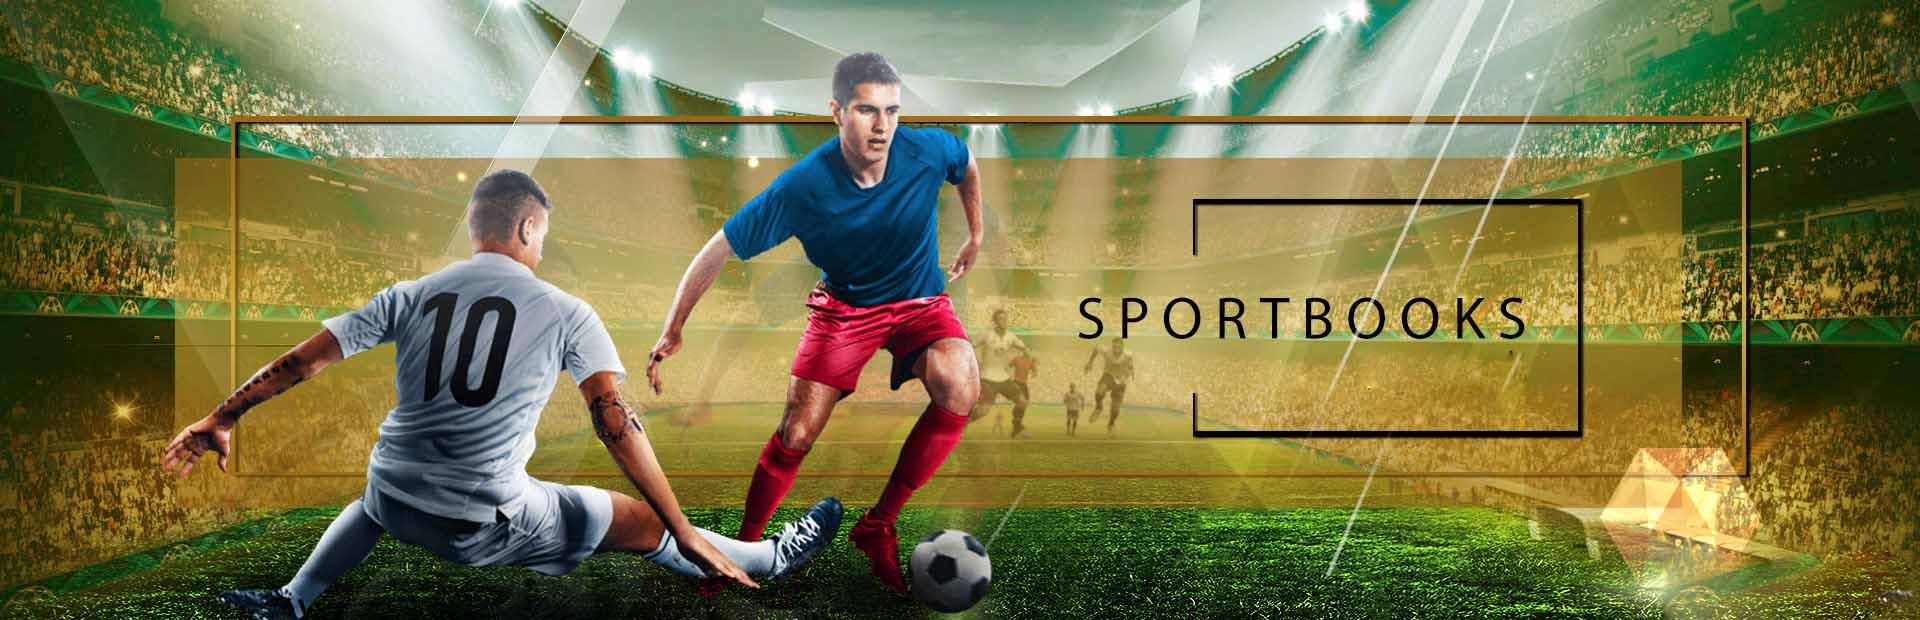 Sportbook-x-sport-dilengkapi-dengan-video-live-streaming